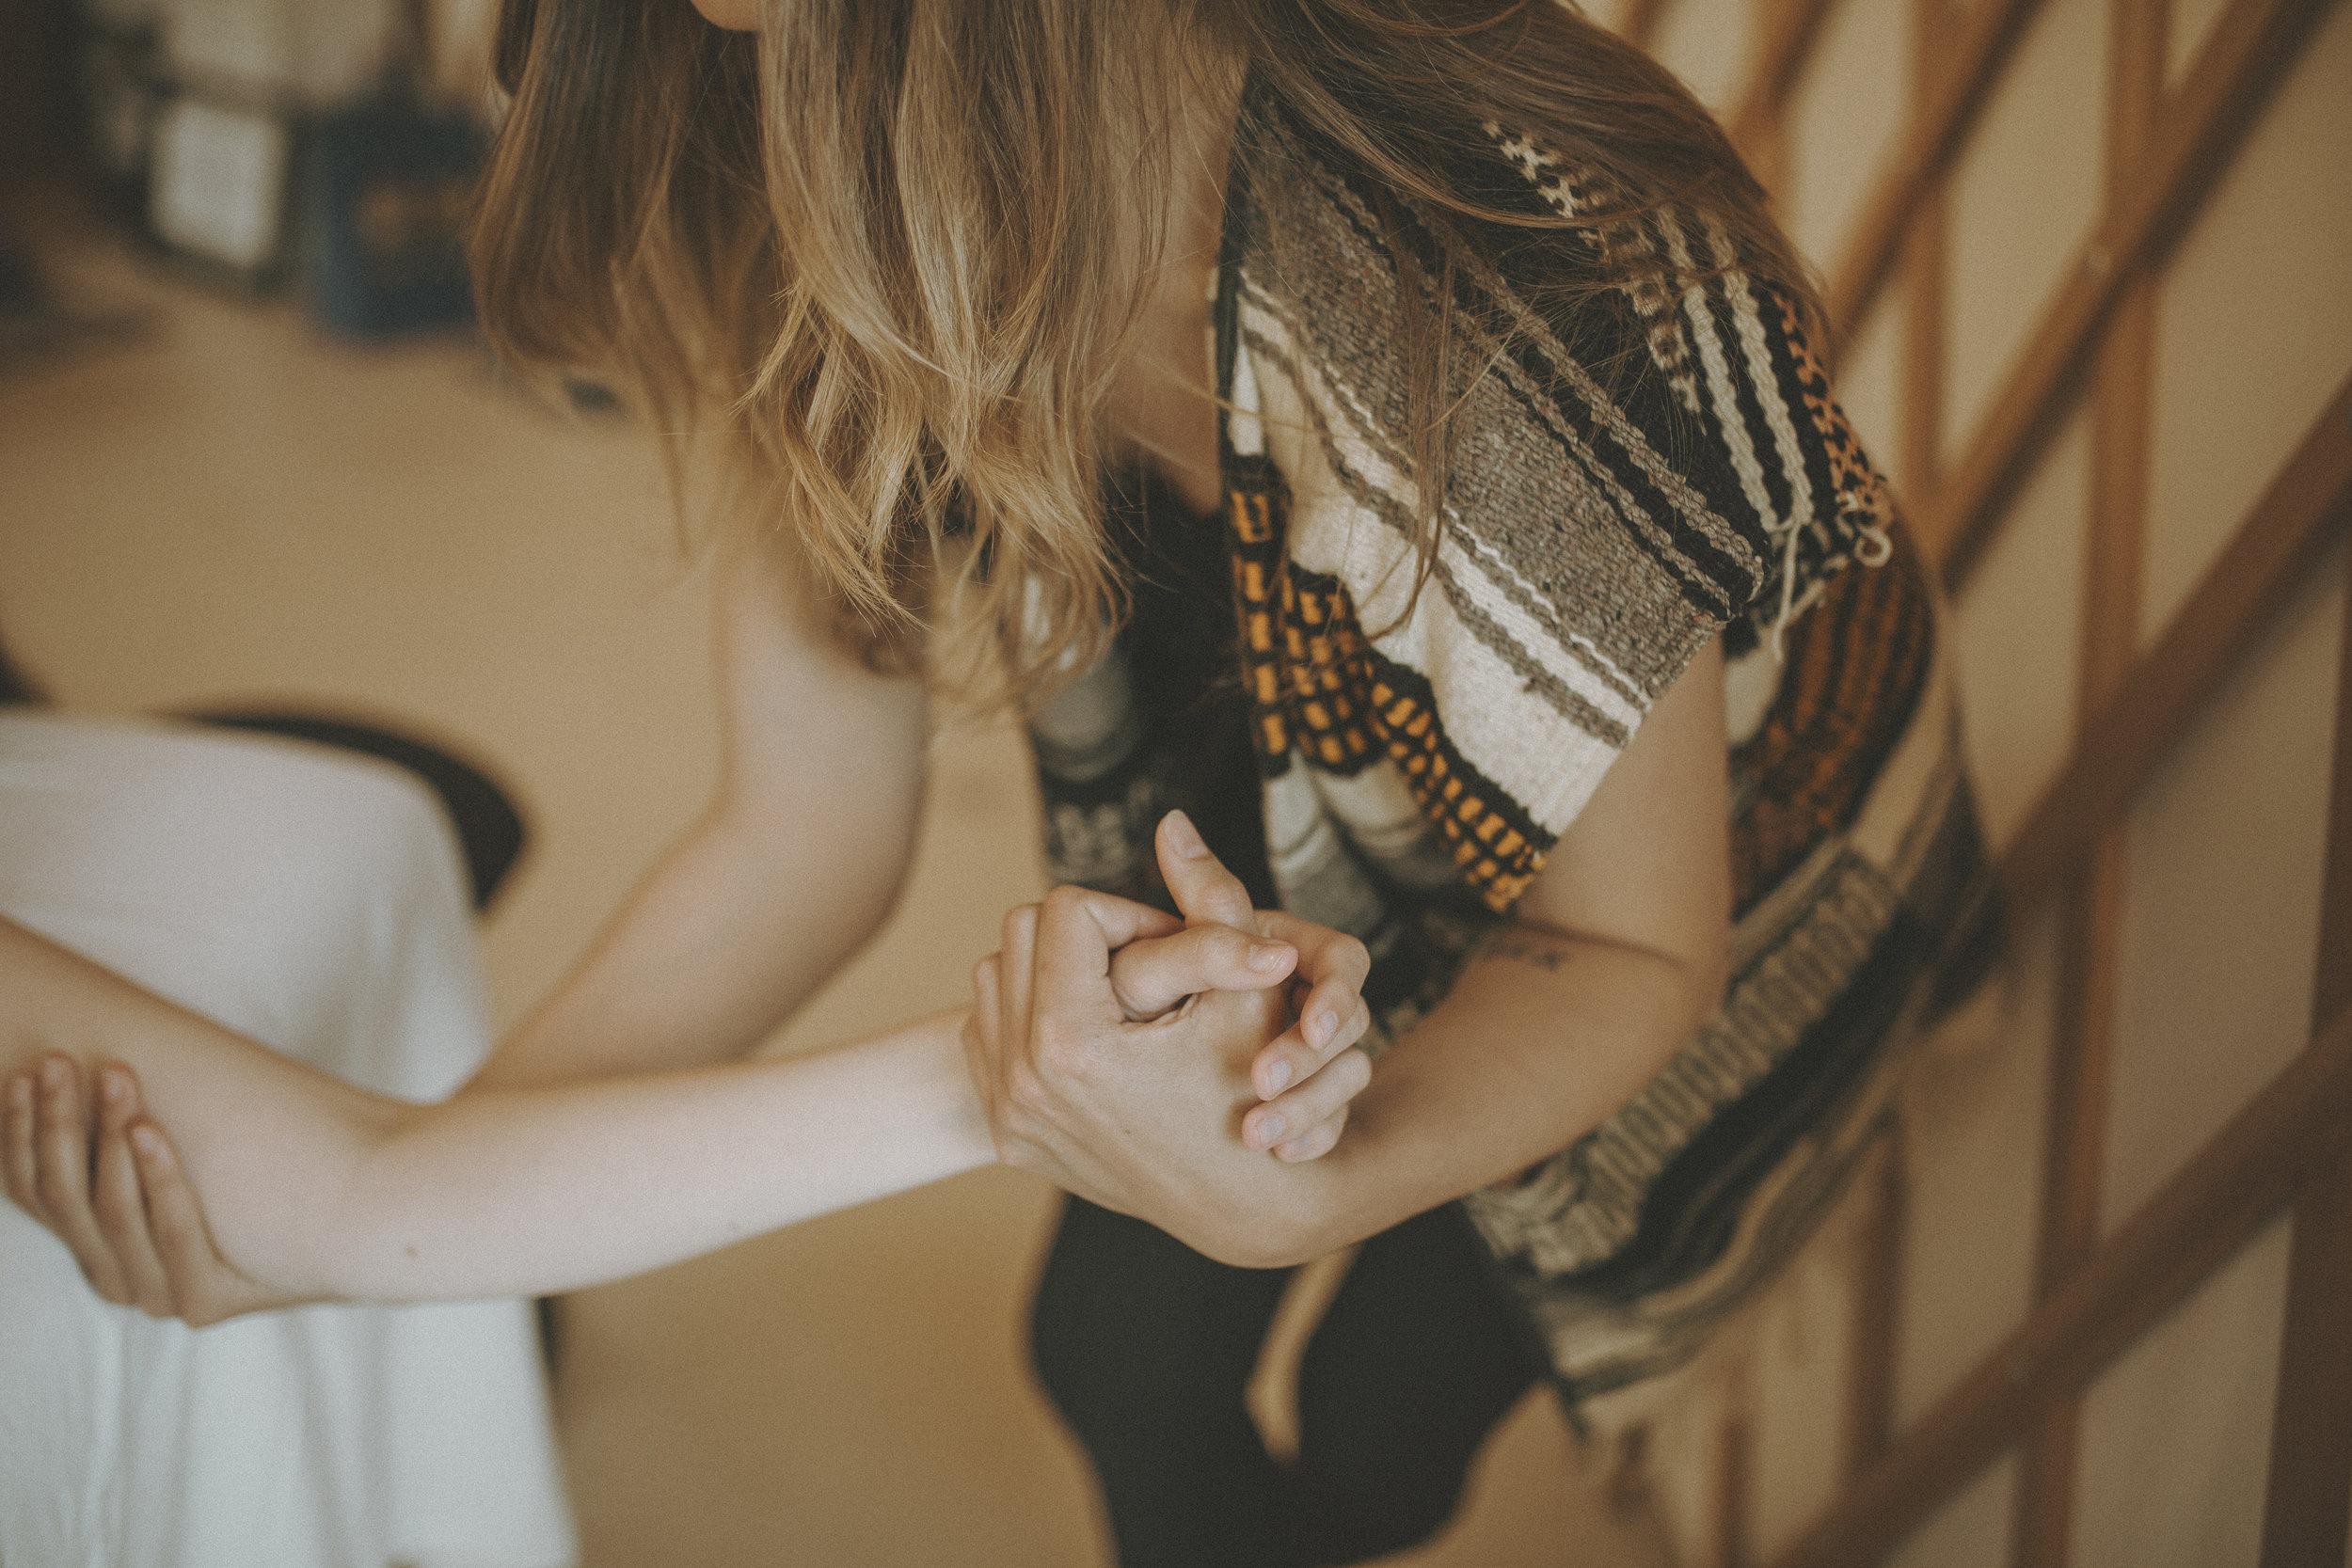 healinghands-17.jpg